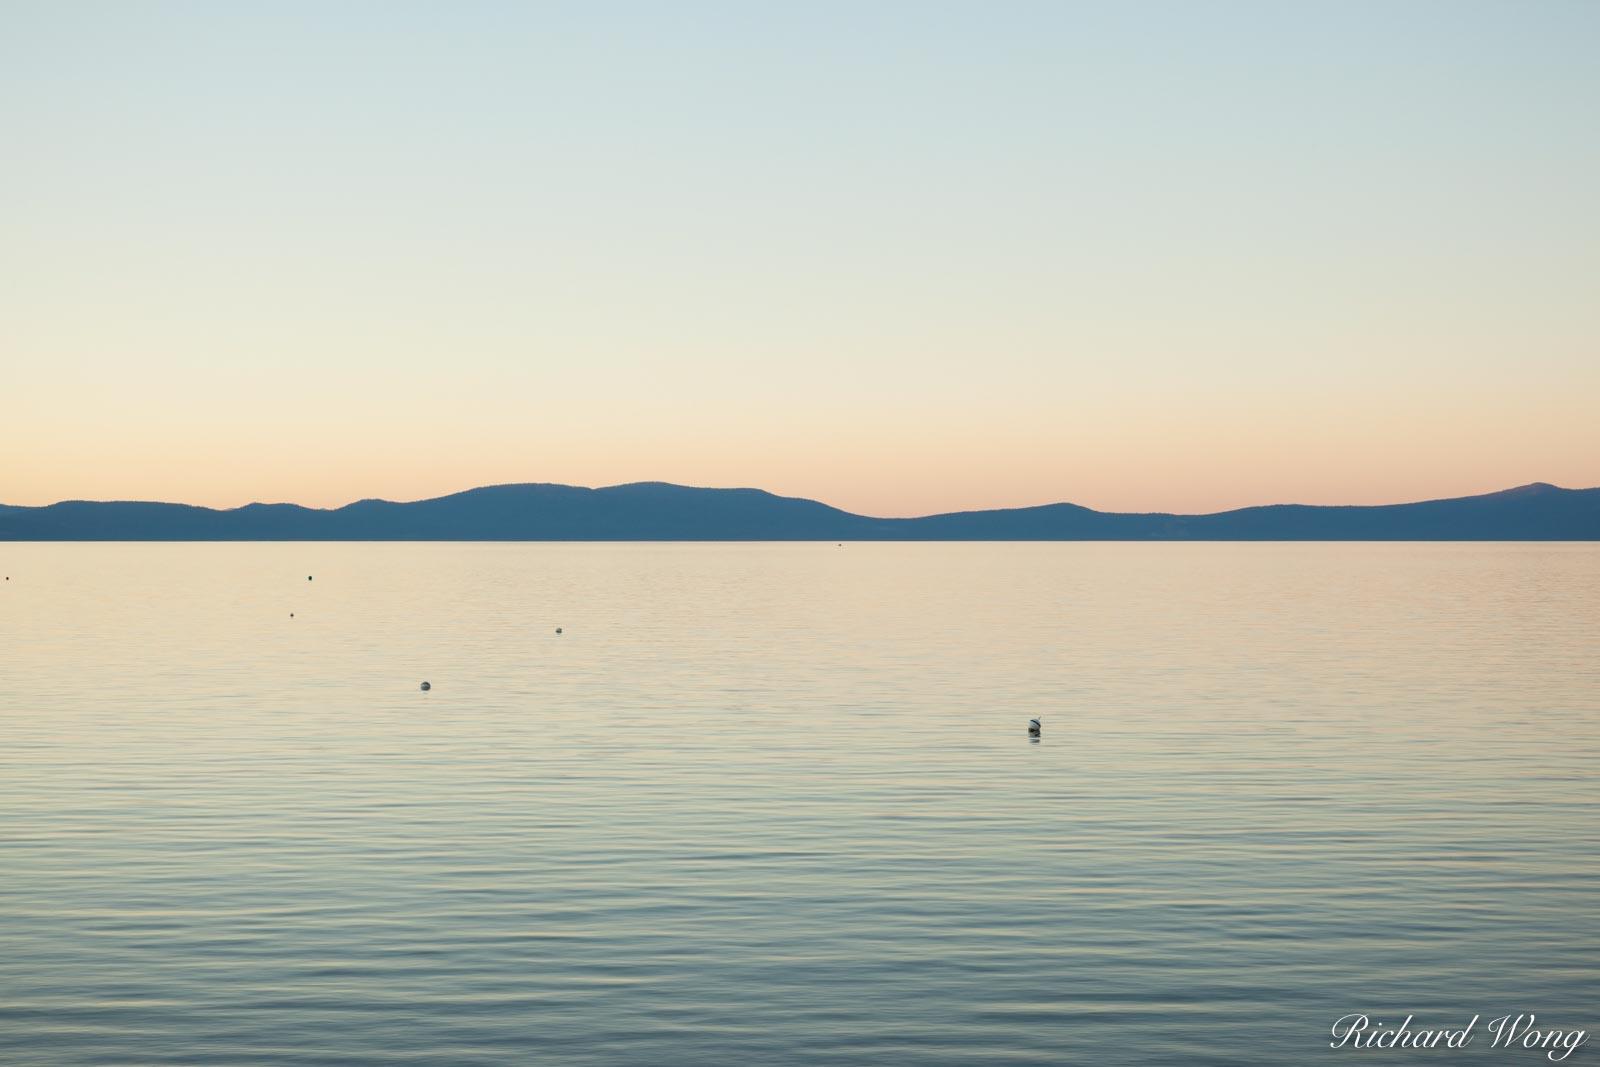 South Lake Tahoe at Sunset, California